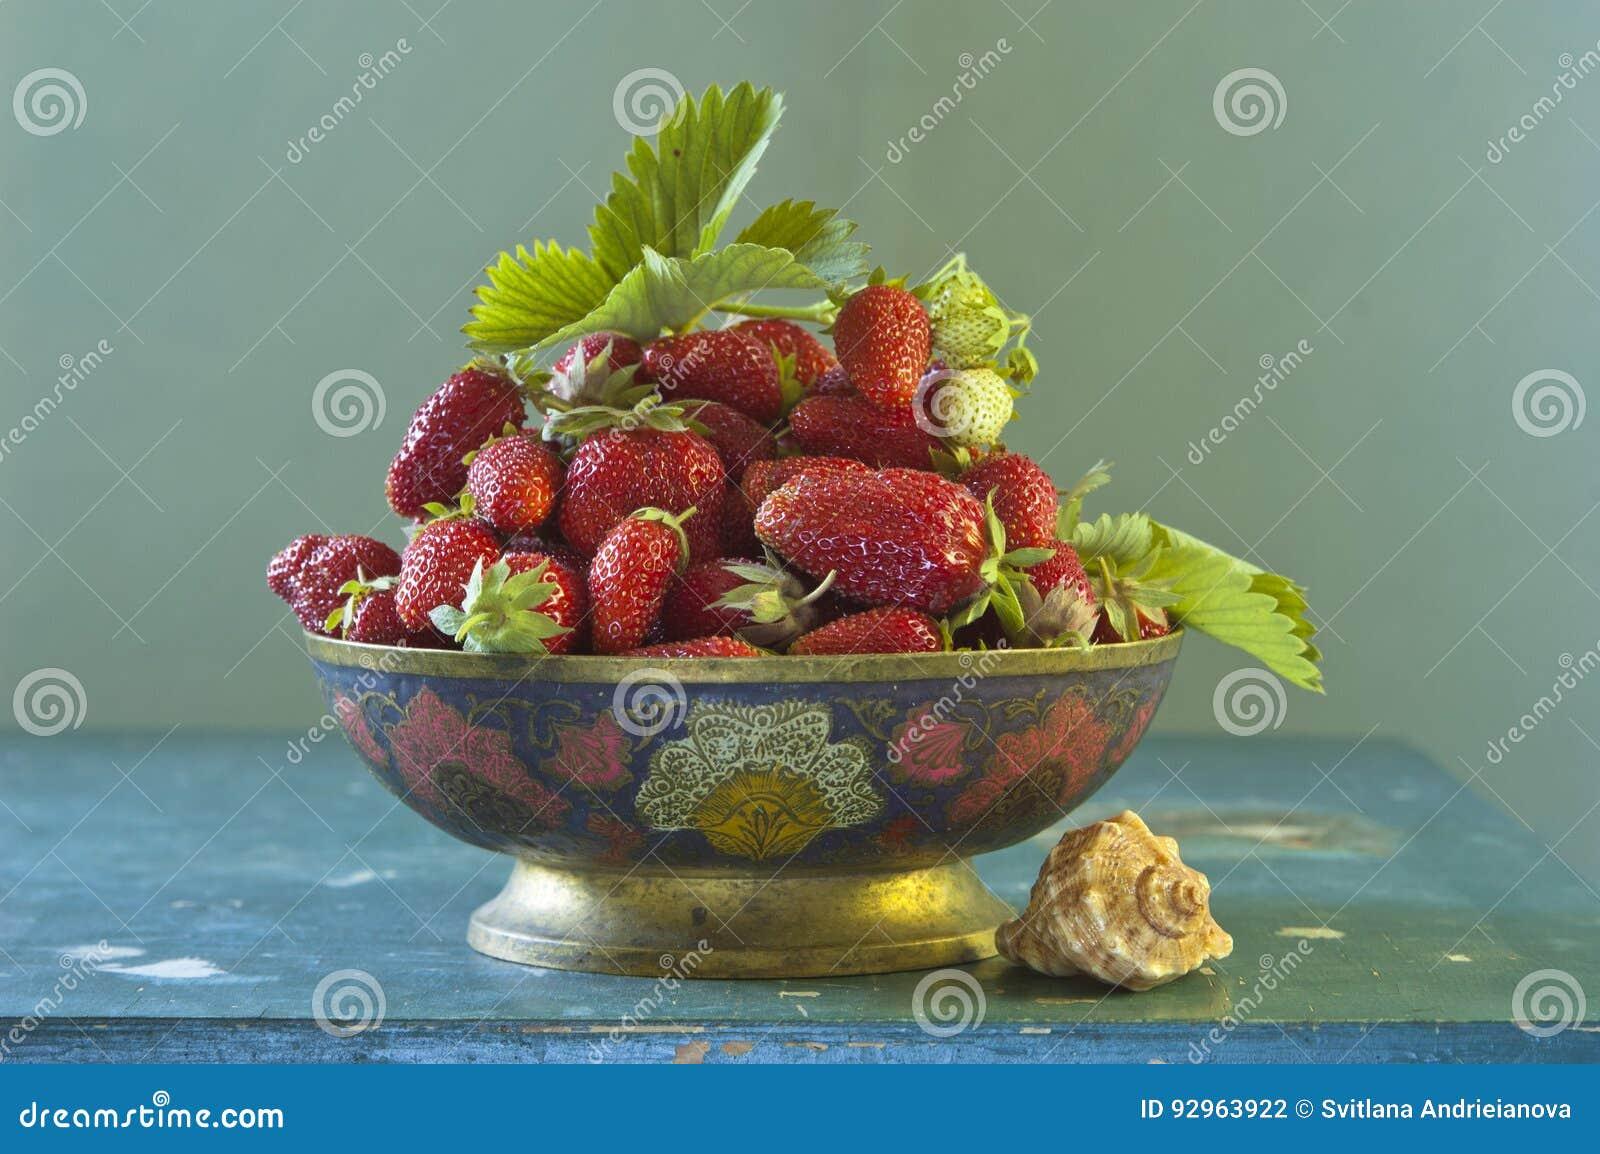 Stillleben mit Erdbeere